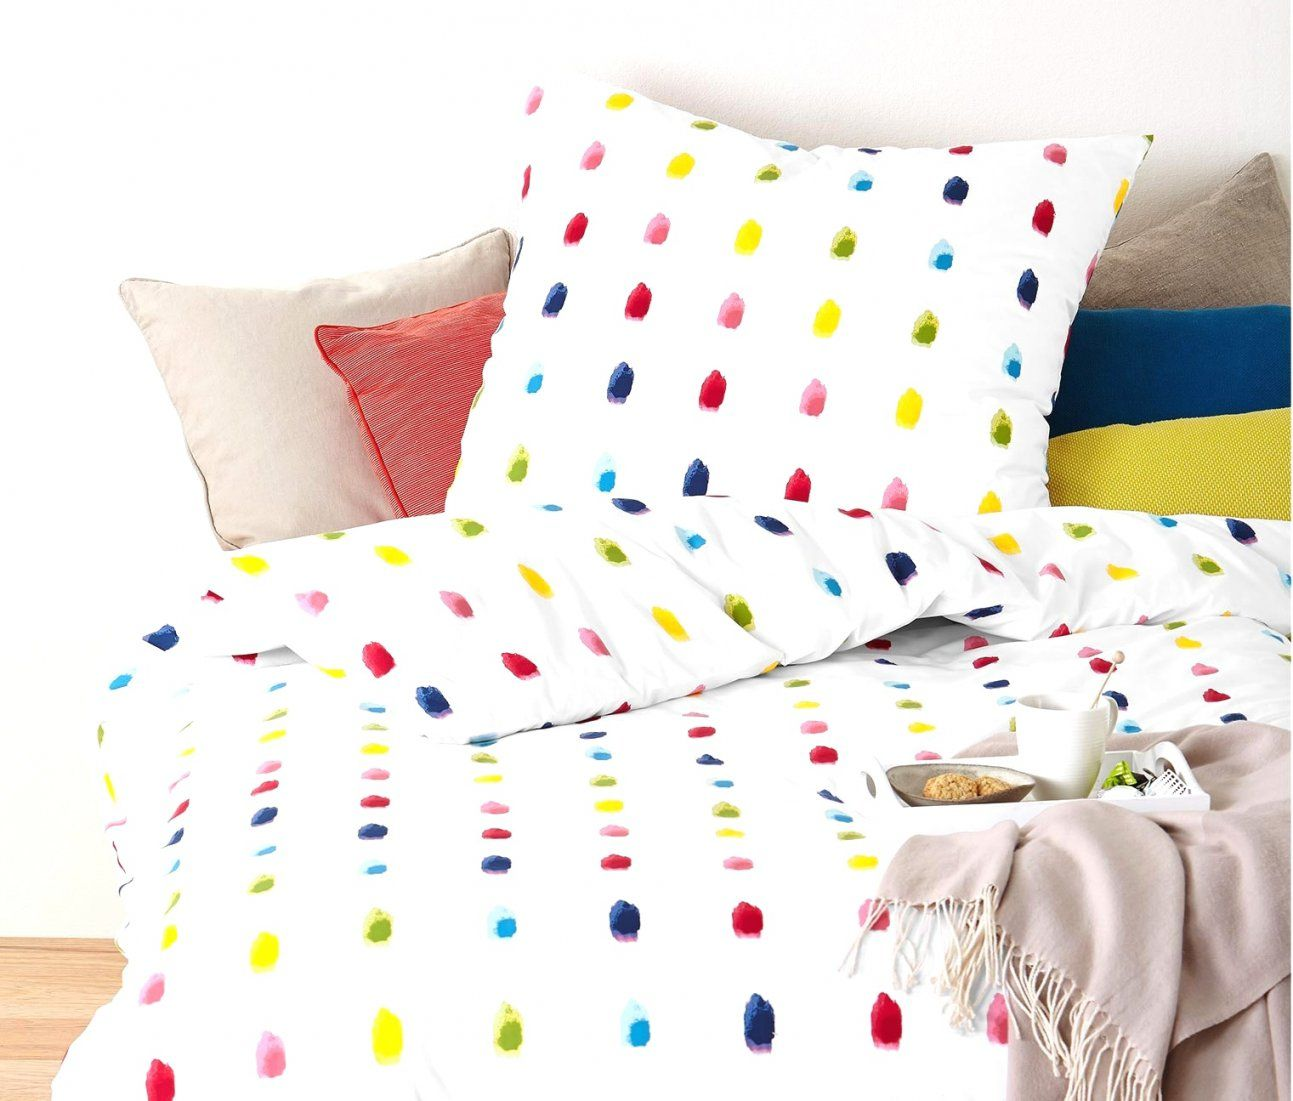 Beeindruckende Ideen Tchibo Bettwäsche Restposten Und Bettwasche von Tchibo Bettwäsche Restposten Bild